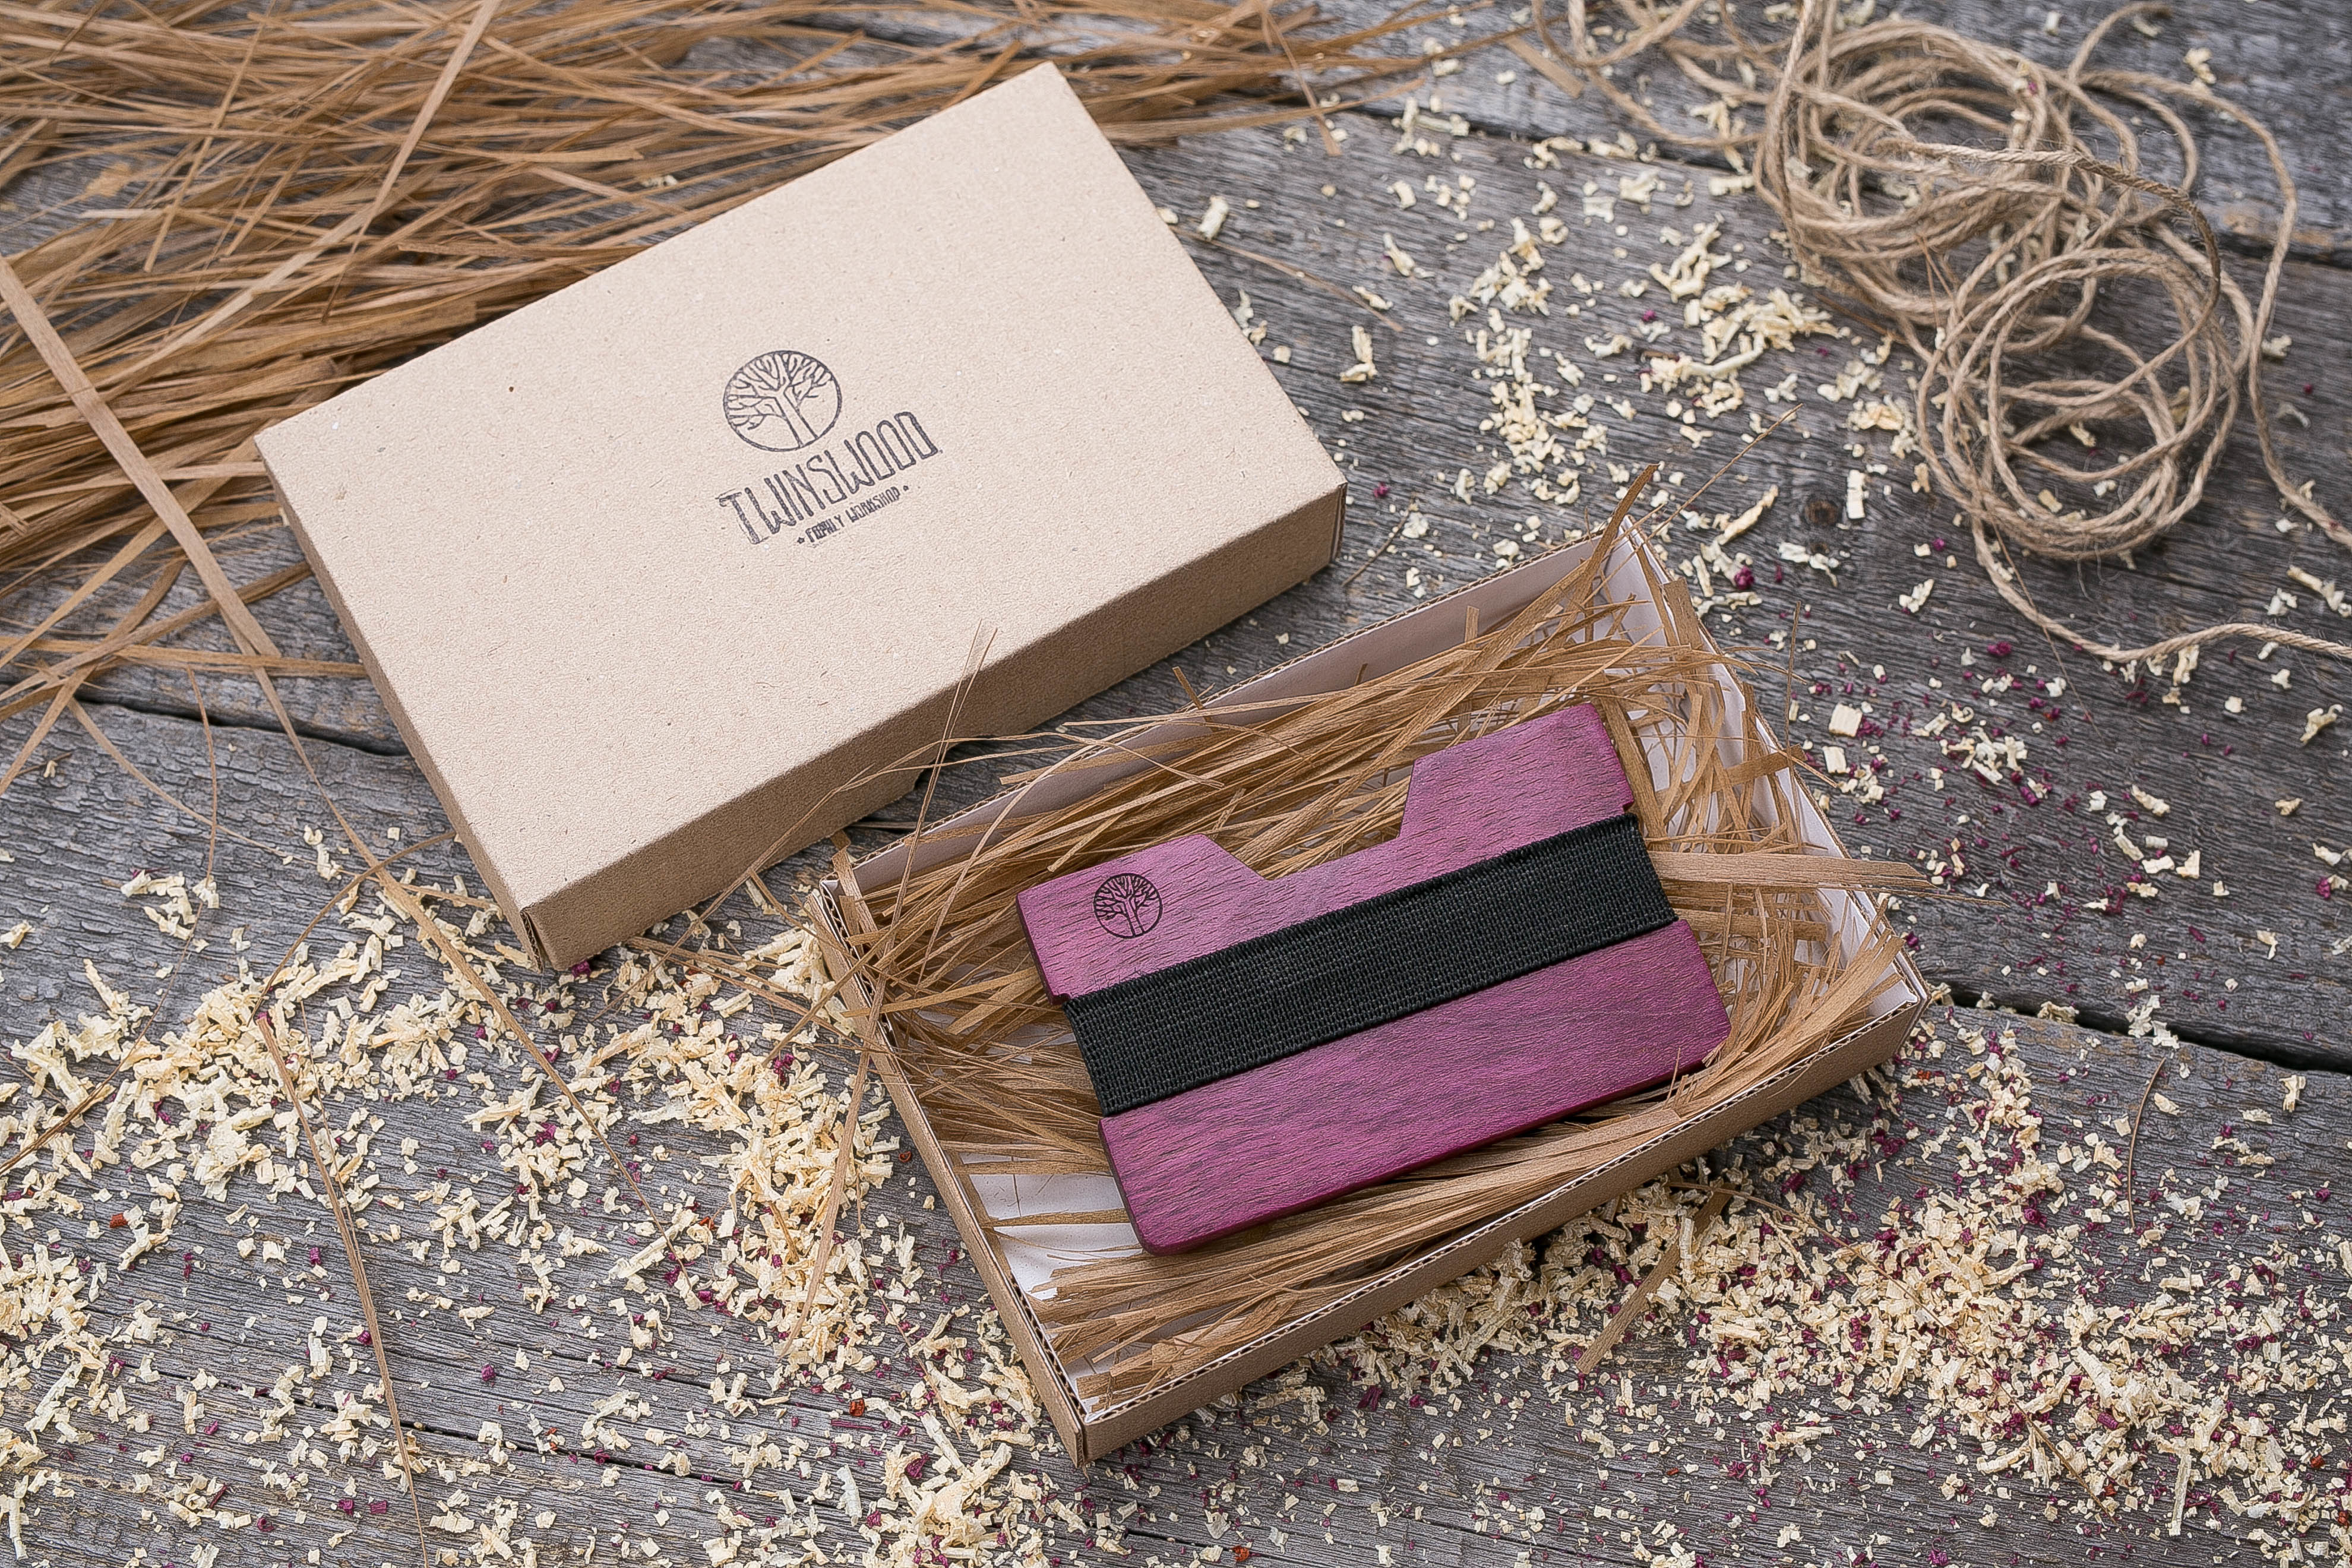 Деревянный кошелек  из амаранта. Горизонтальная загрузка. Для 1-6 пластиковых карт и купюр. Поддержка Apple Pay. Гравировка имени или логотипа. Бизнес сувенир. Подарок другу. Именной кошелек